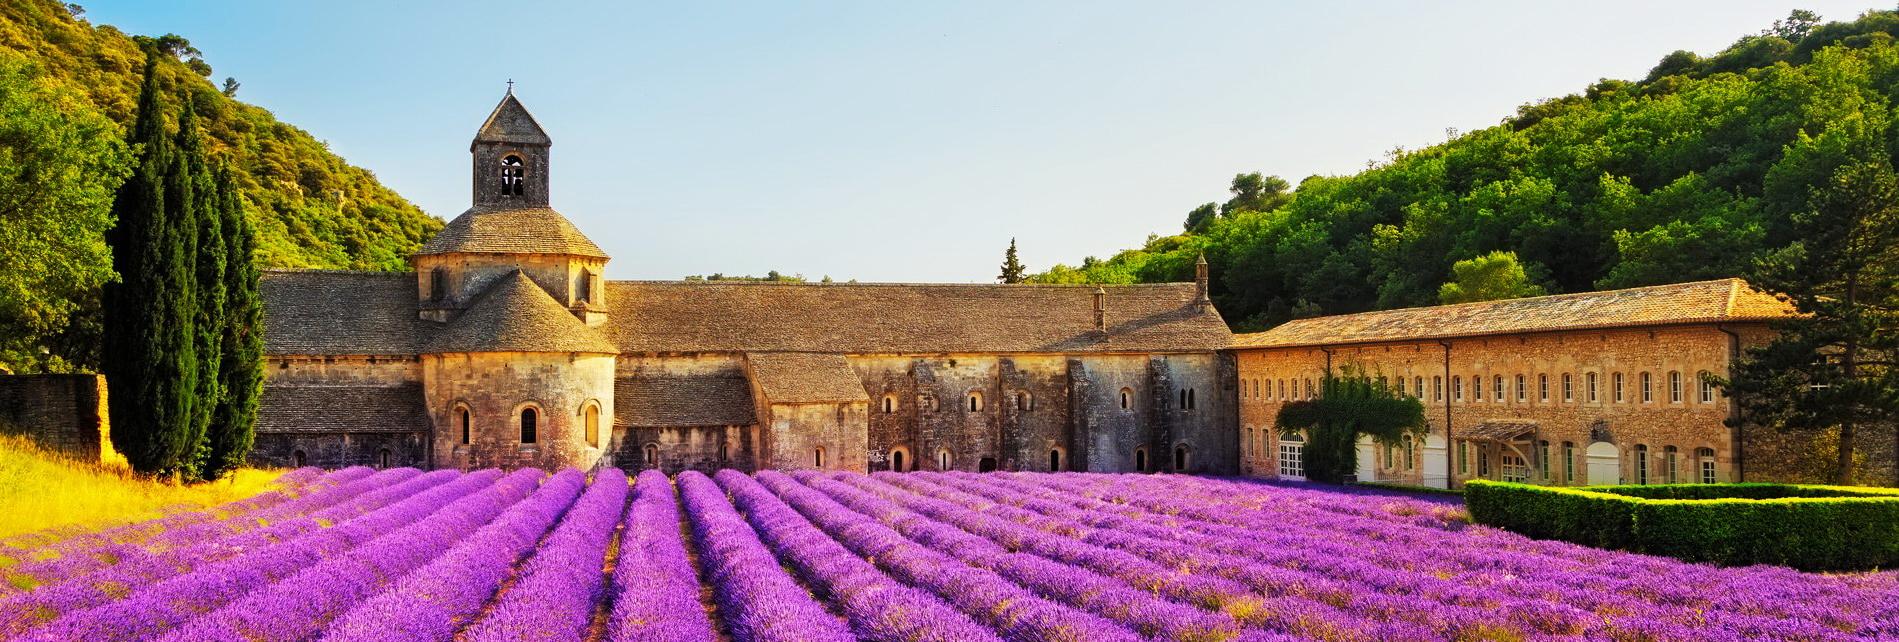 du lịch nghỉ dưỡng Provence, Pháp